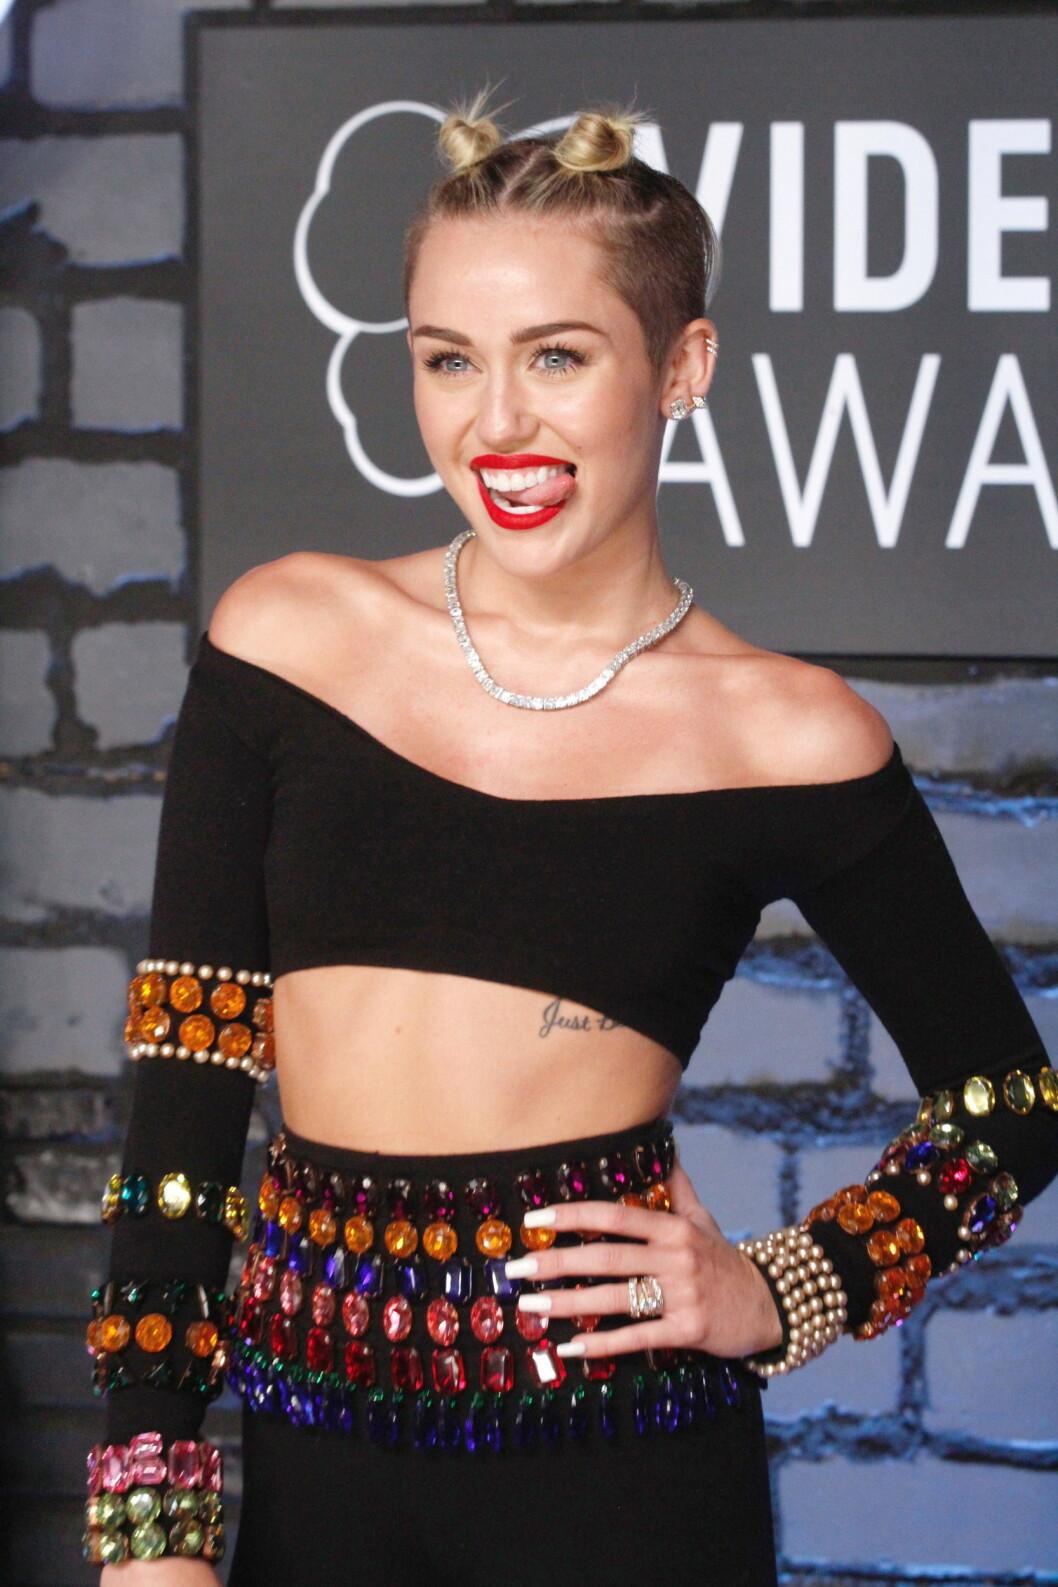 BLIKKFANG: Miley Cyrus har gjort de røde leppene, og tunga som stikker ut, til sitt varemerke. Jan Thomas viser deg hvordan du får leppestiften til å sitte hele dagen.  Foto: All Over Press